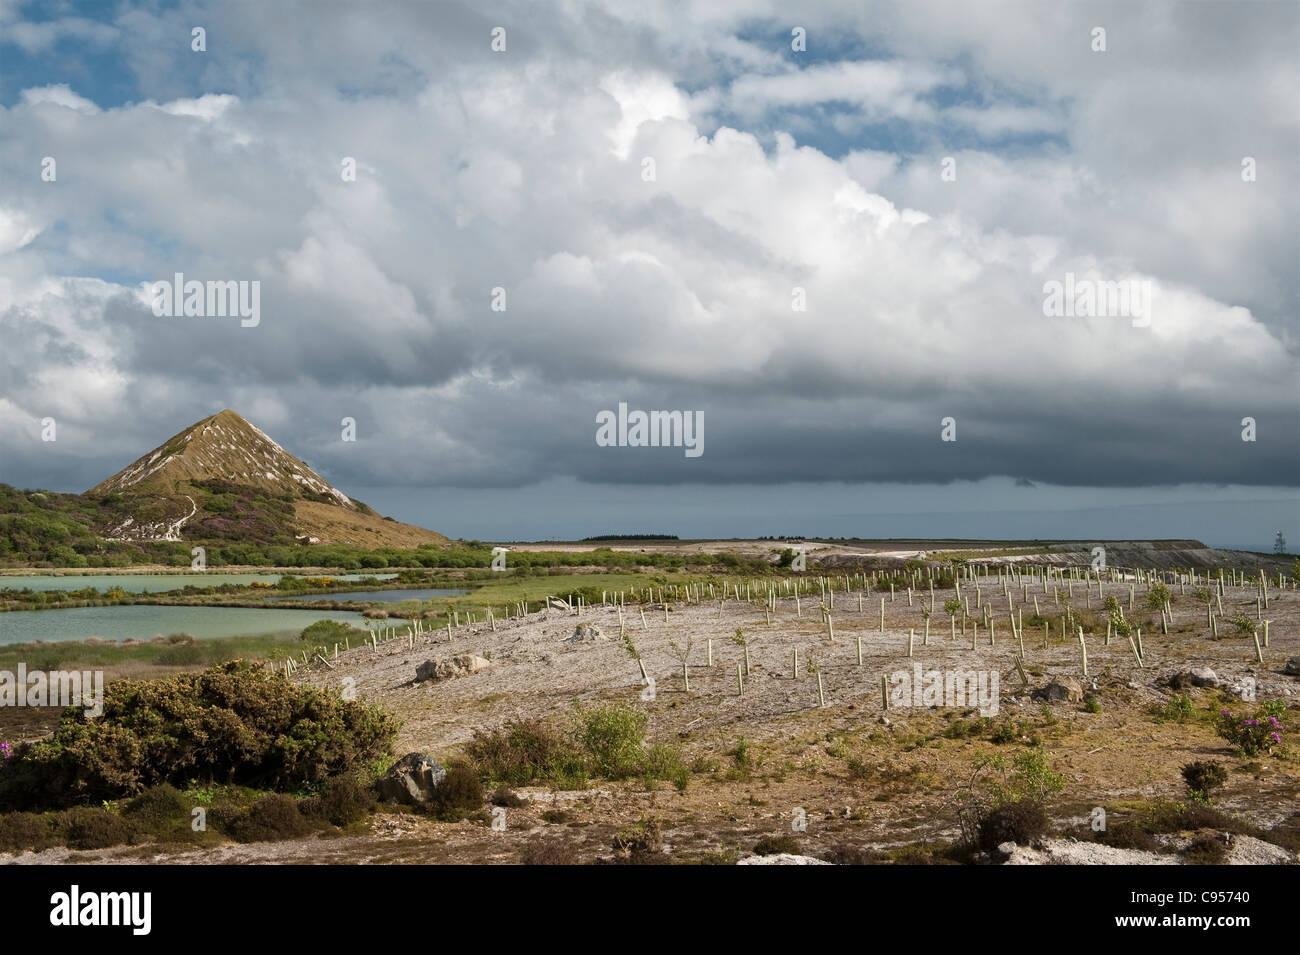 China Lehmgrube und verwöhne häufen oben St Austell, Cornwall, UK. Setzlingen wurden gepflanzt, um die Stockbild